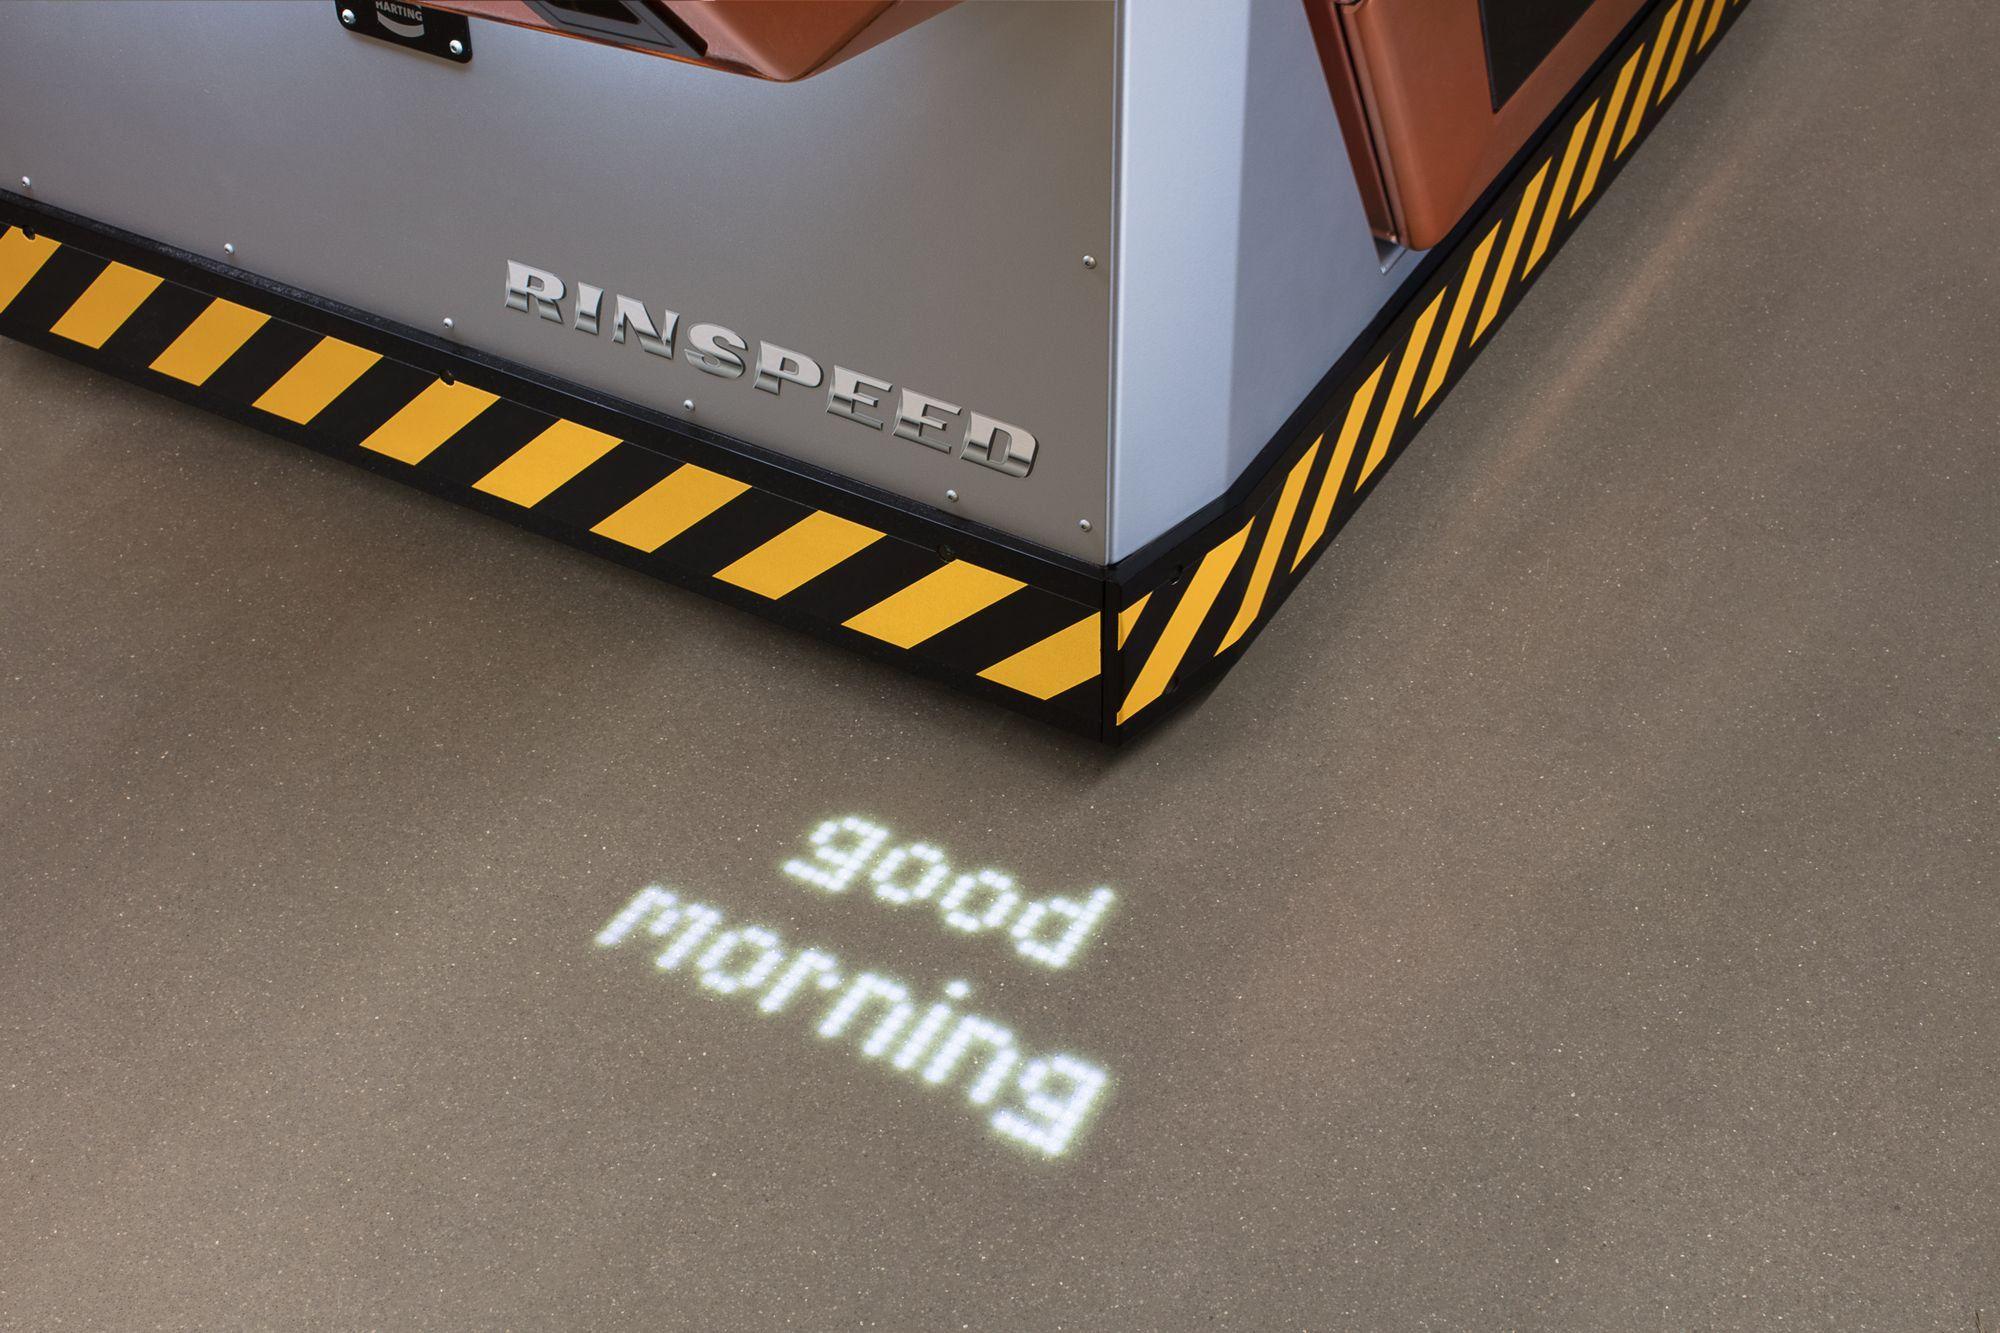 Rinspeed microSNAP: багатоликий електро-под, що згодиться для усього на світі